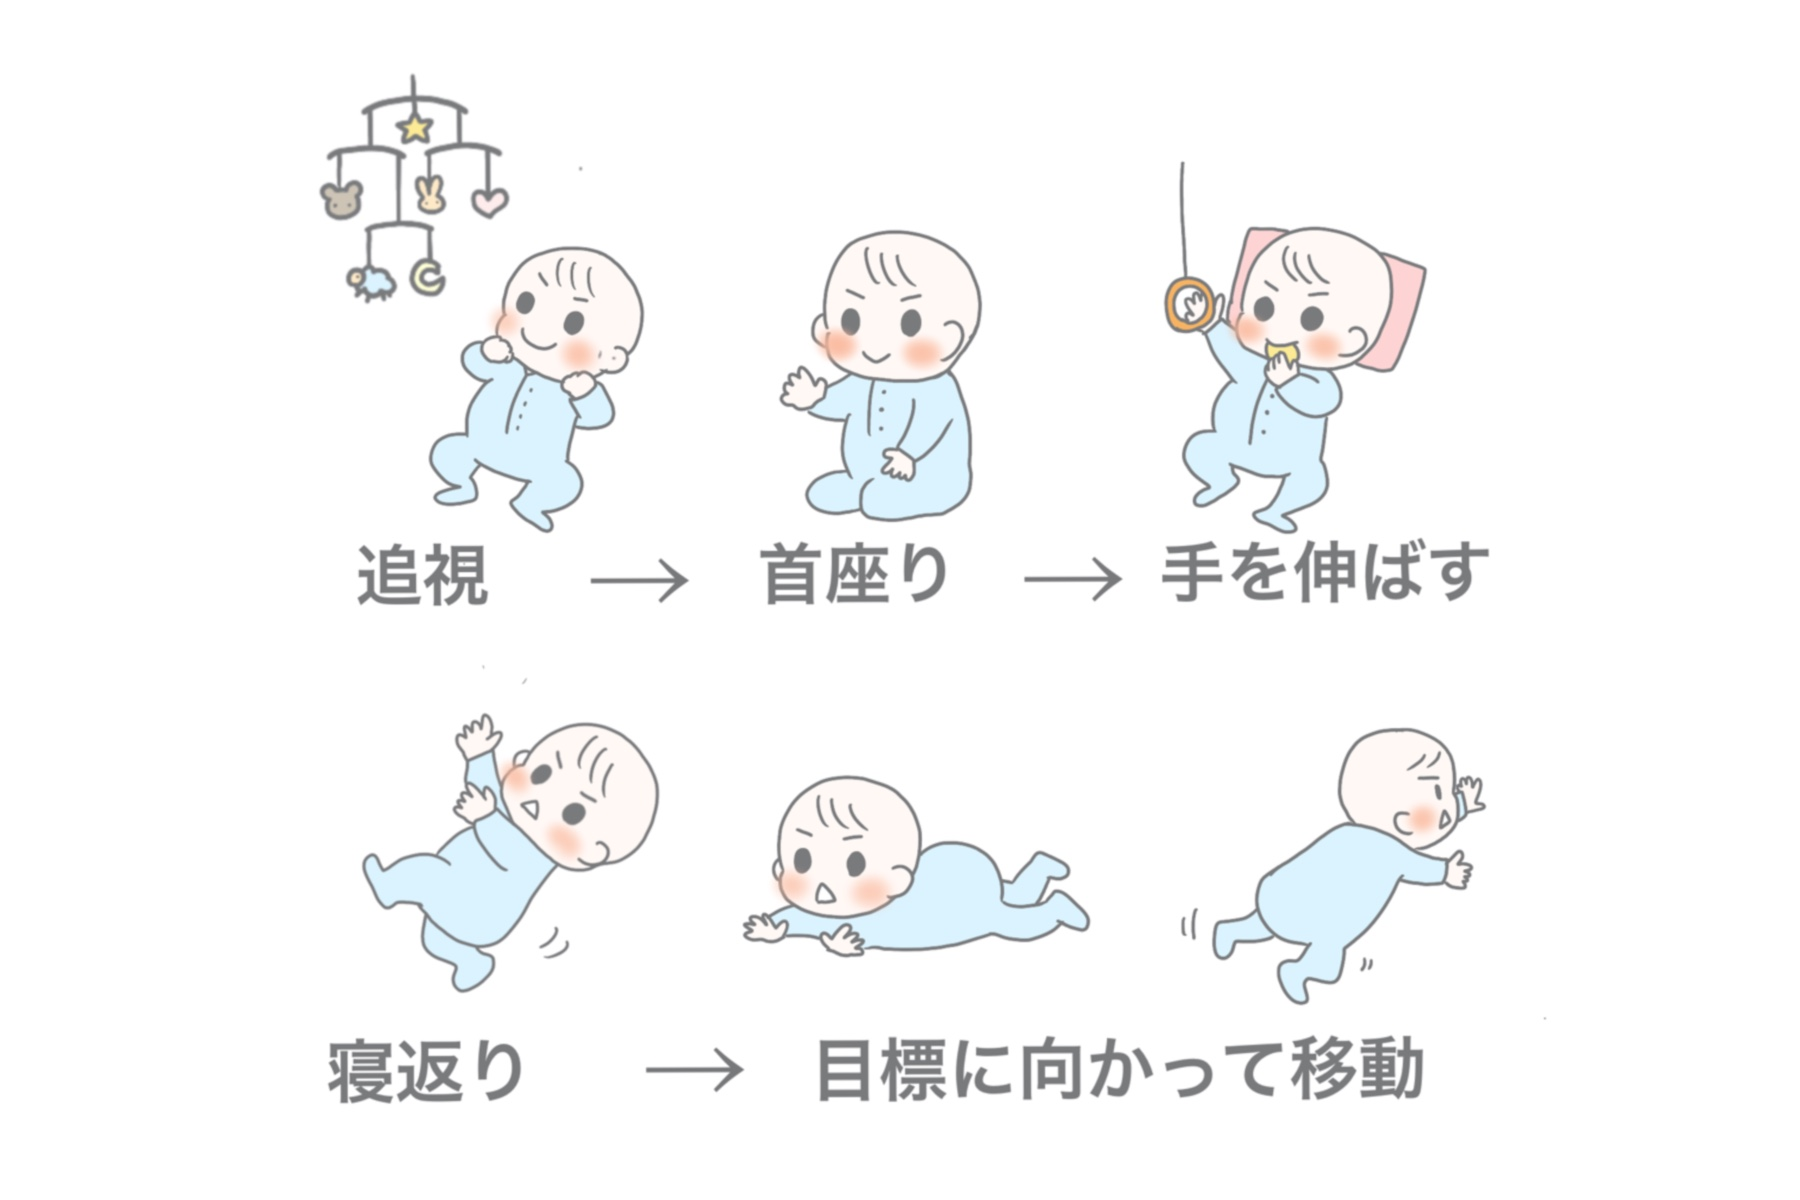 赤ちゃんが動き出す過程